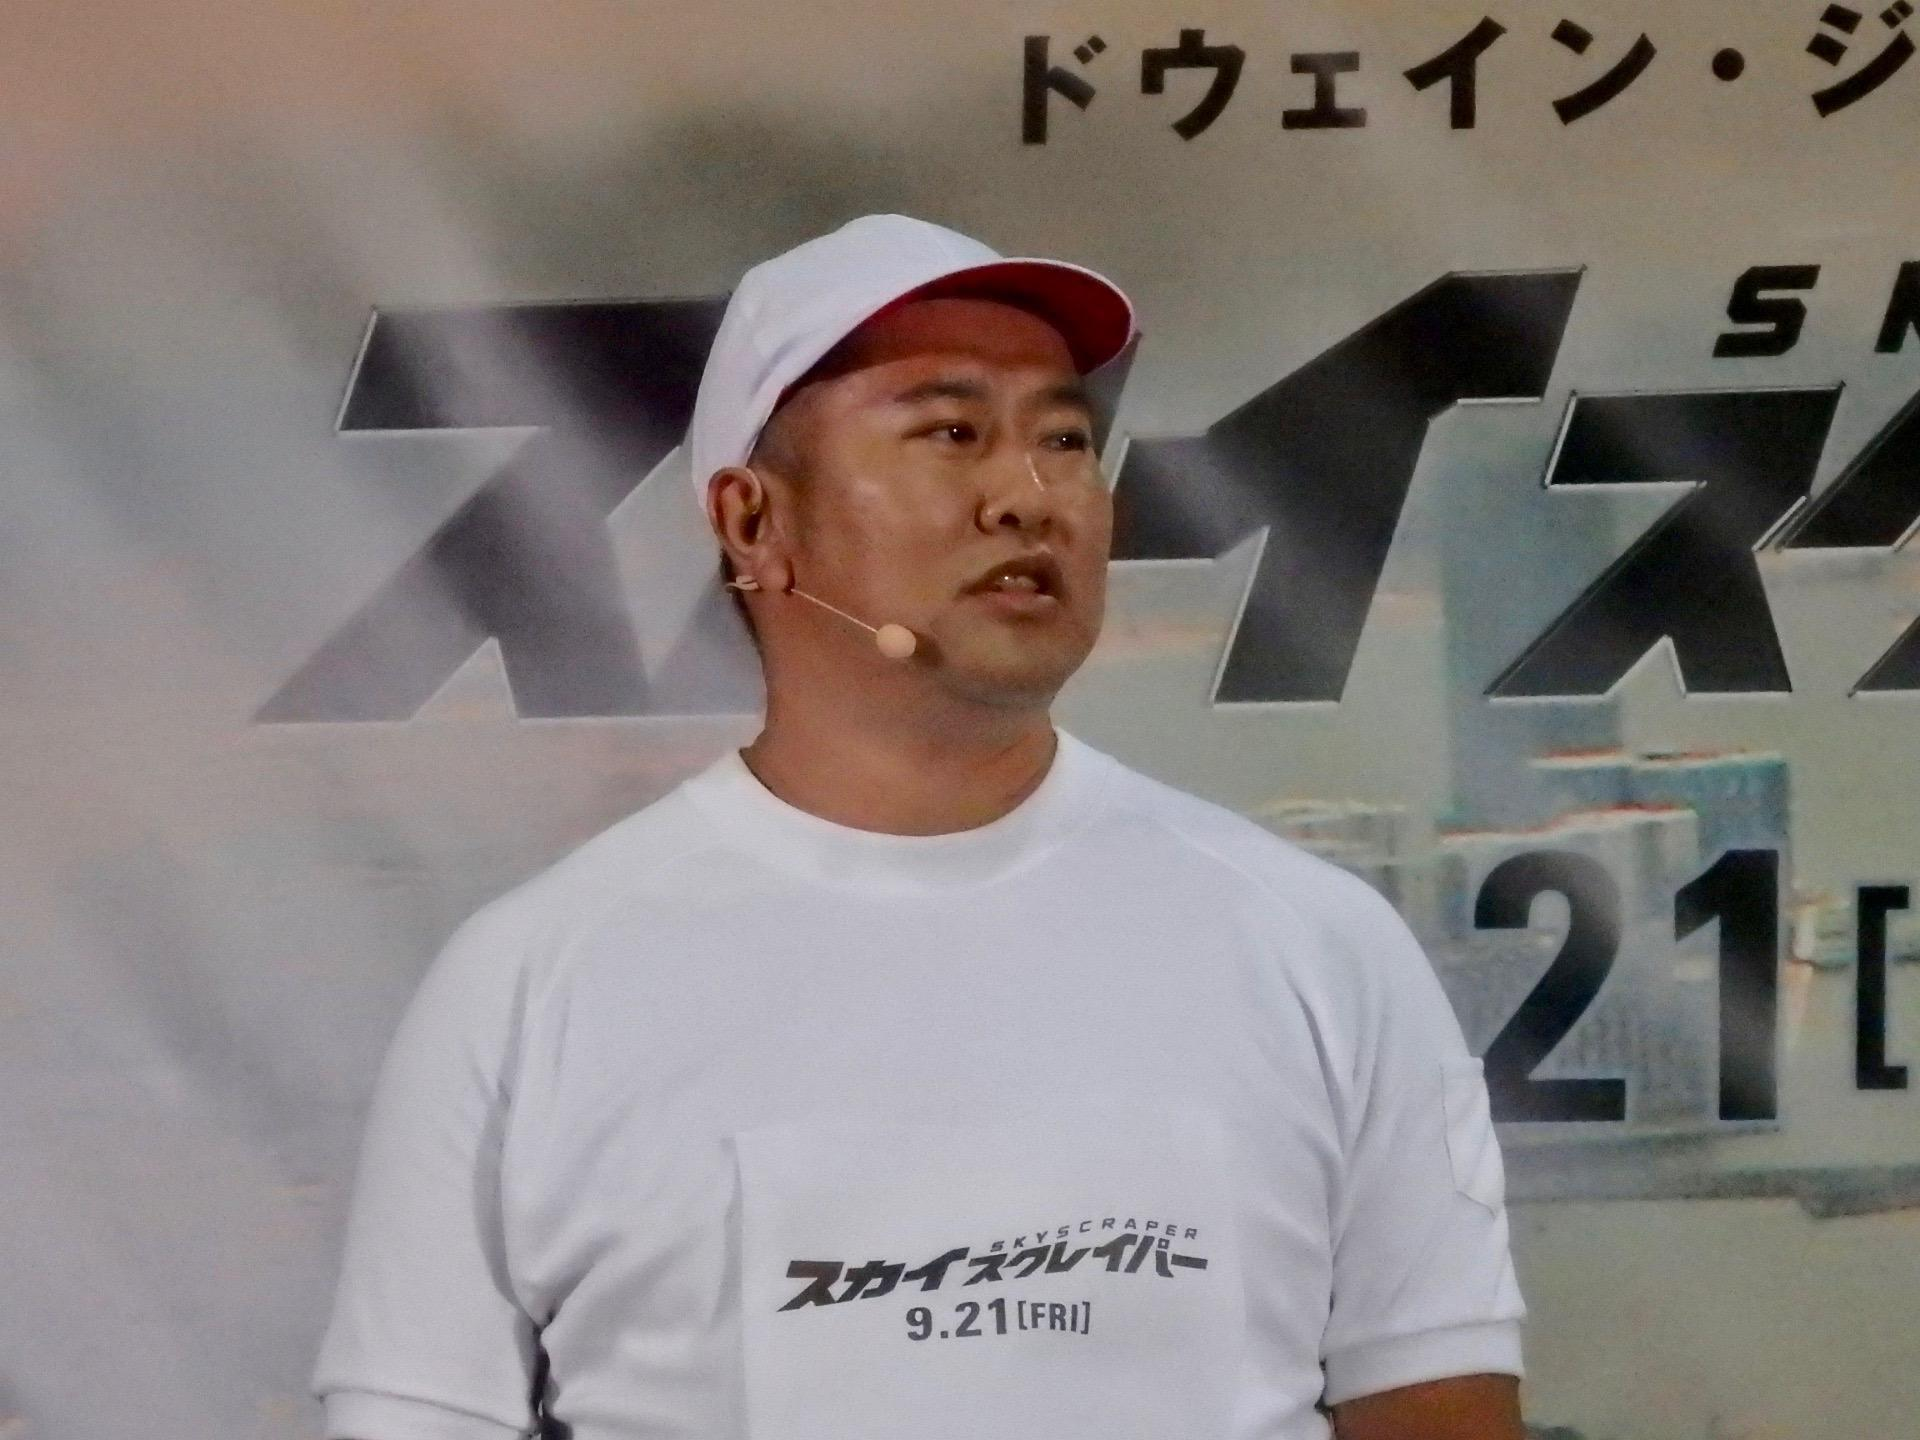 http://news.yoshimoto.co.jp/20180911175121-6d25f5bd28c9c827b32cc18f738b93c9860dbe89.jpg